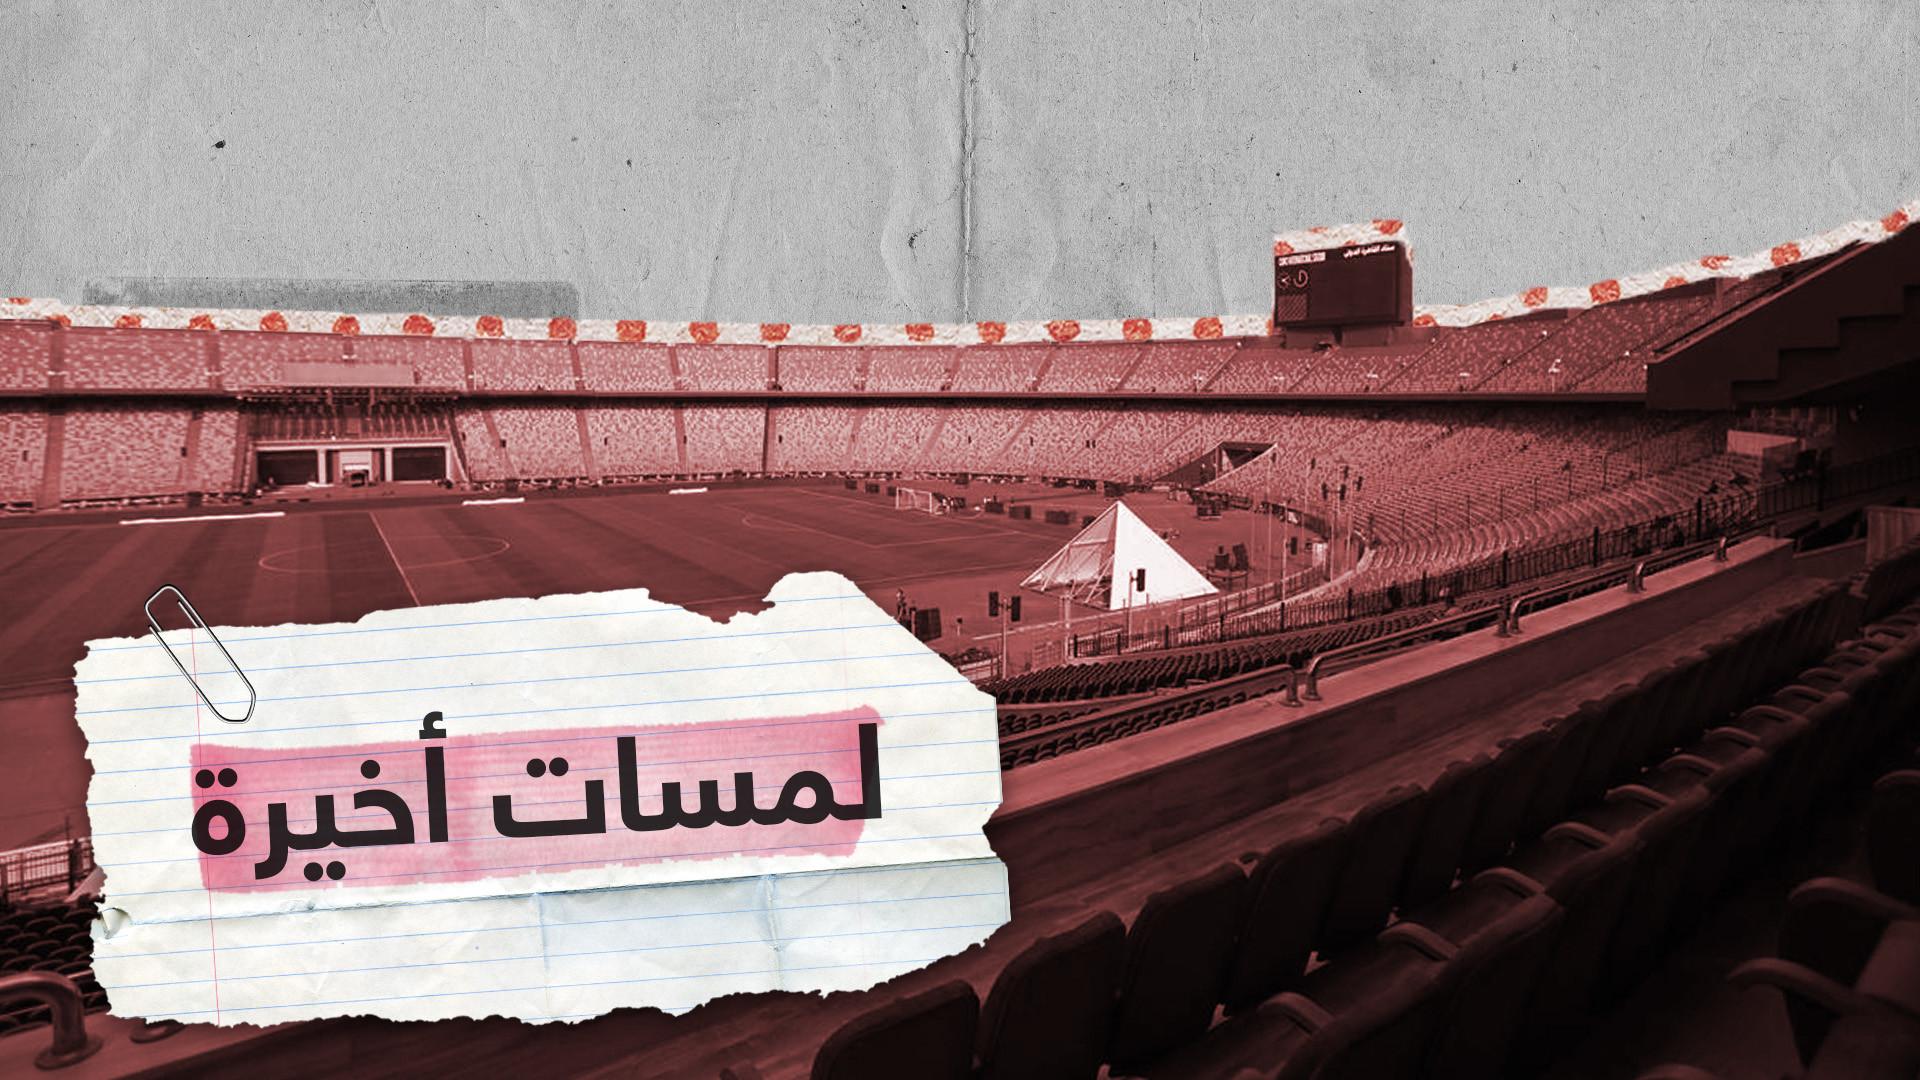 اللمسات الأخيرة في ستاد القاهرة استعدادا للكان 2019